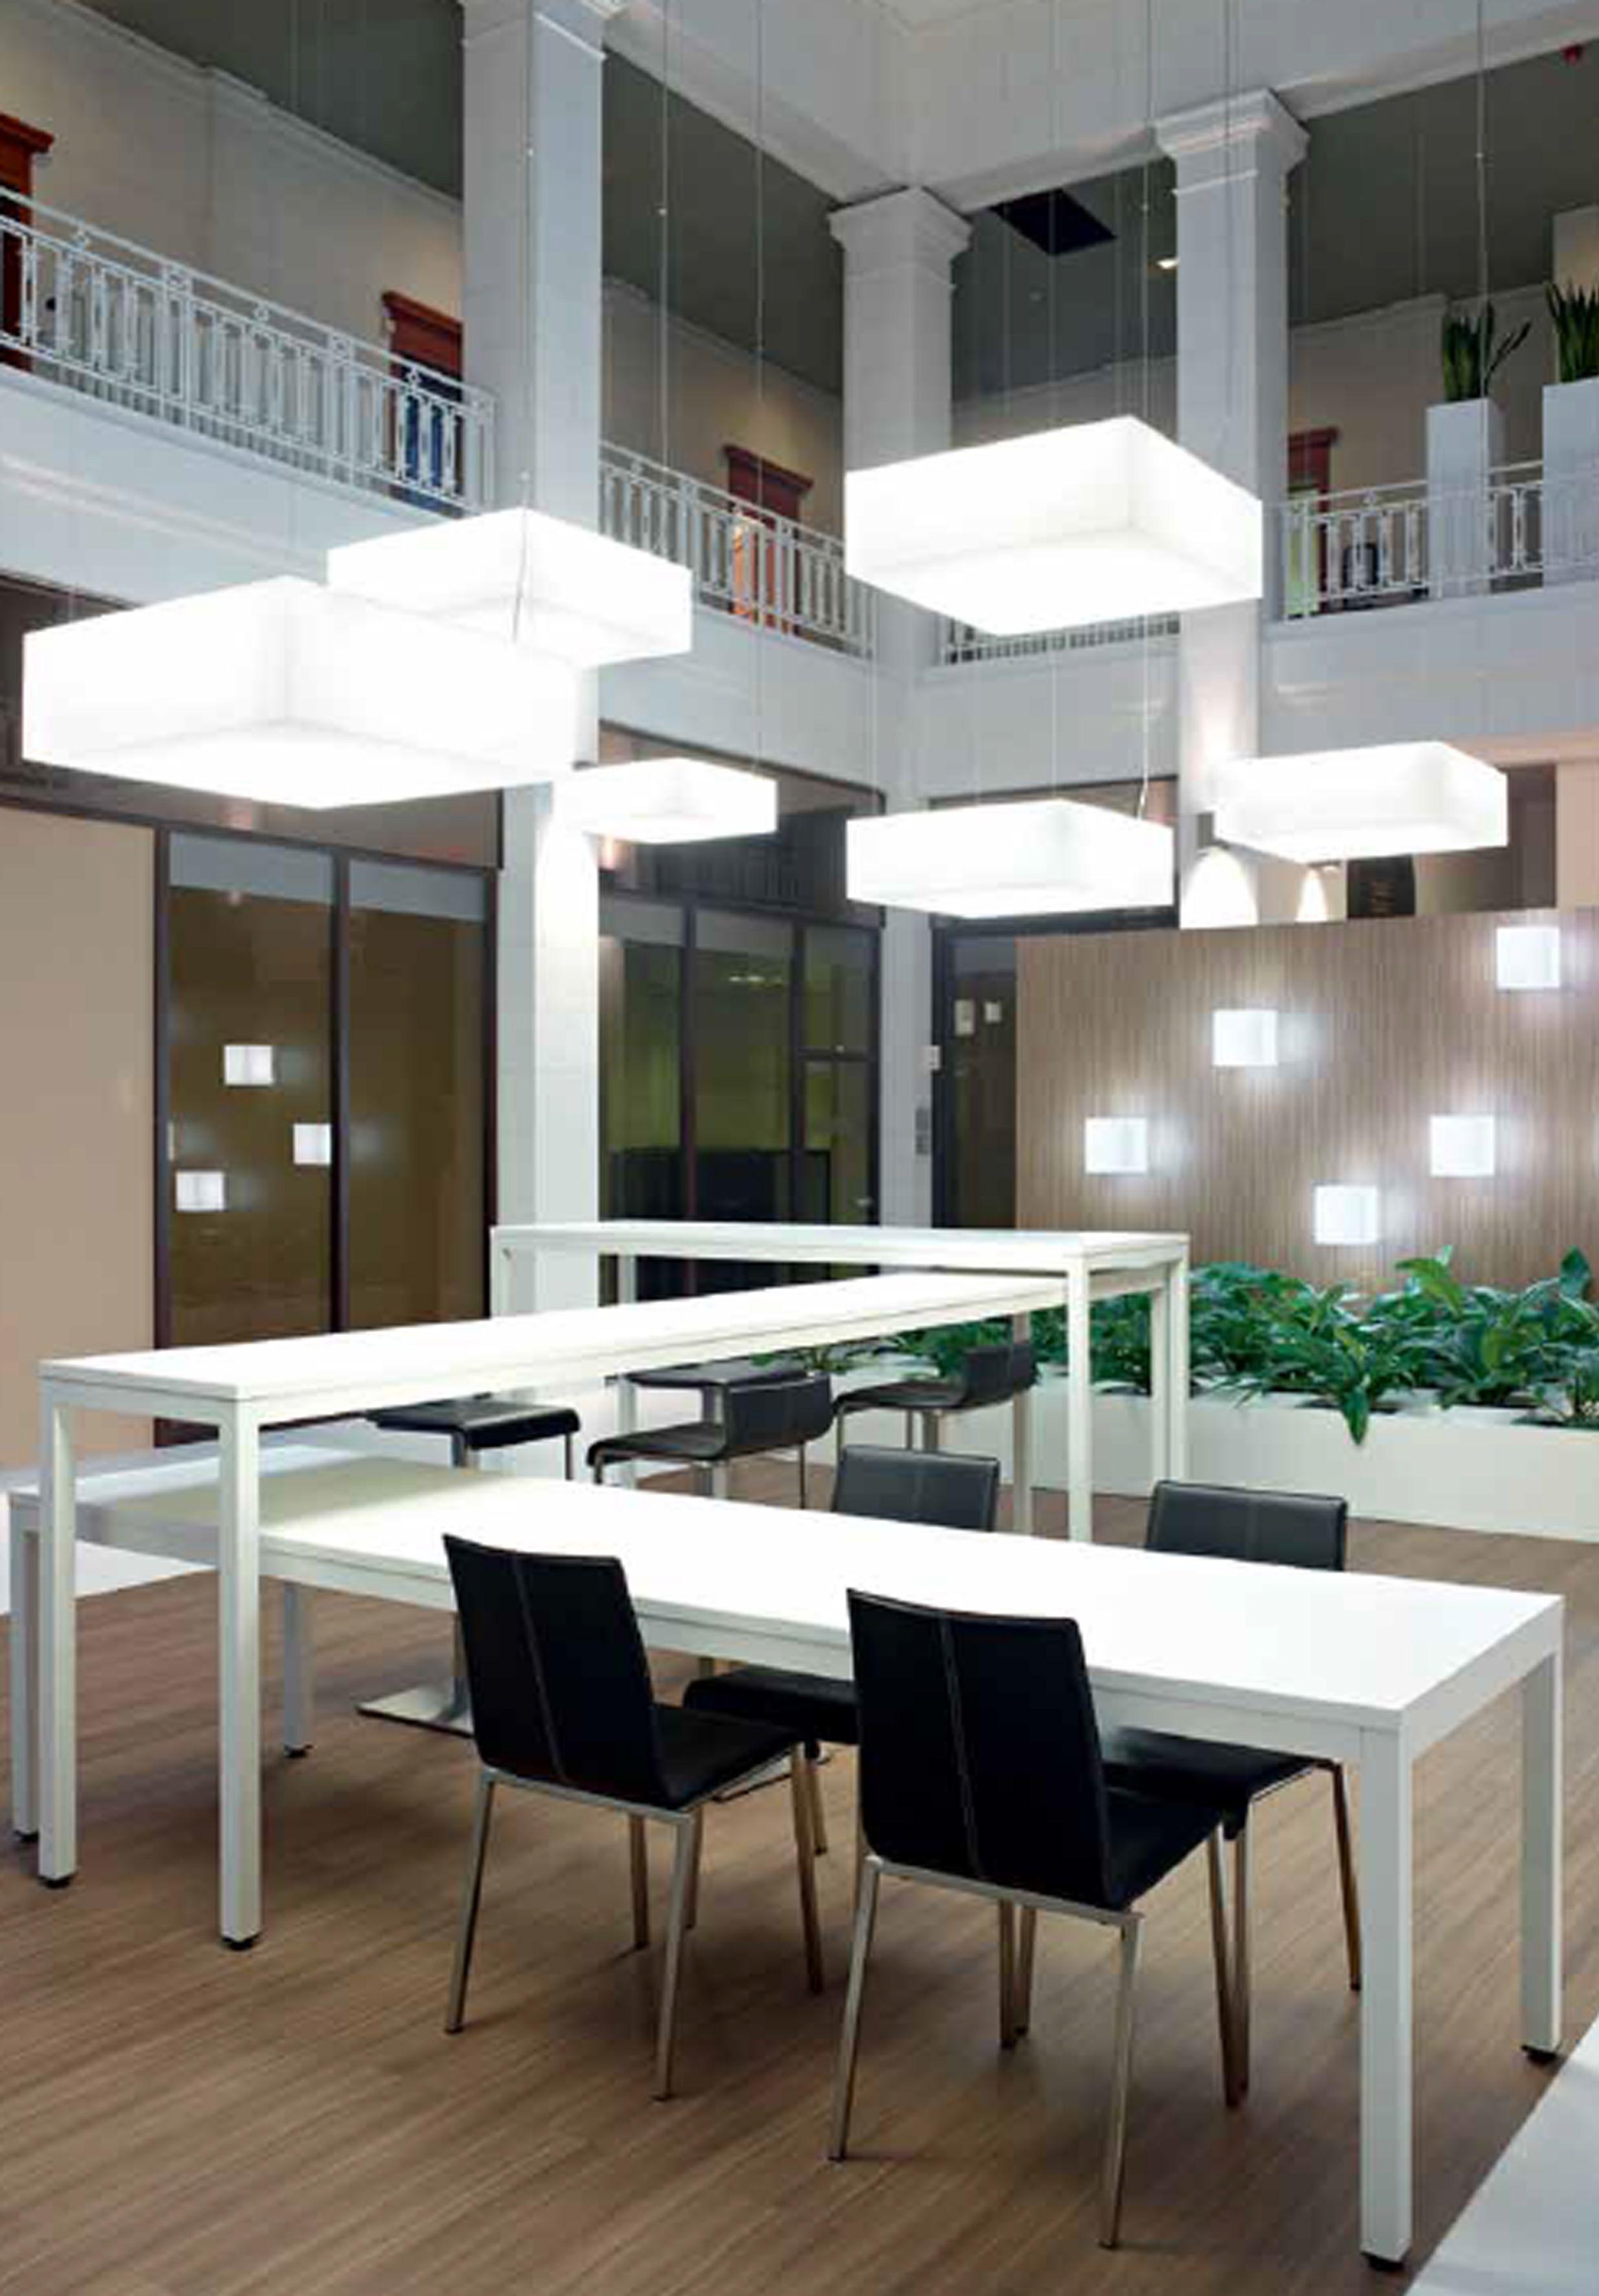 NANOLIGHT Global Lighting - Light Design Hospitality http://www.nanolight.lighting/